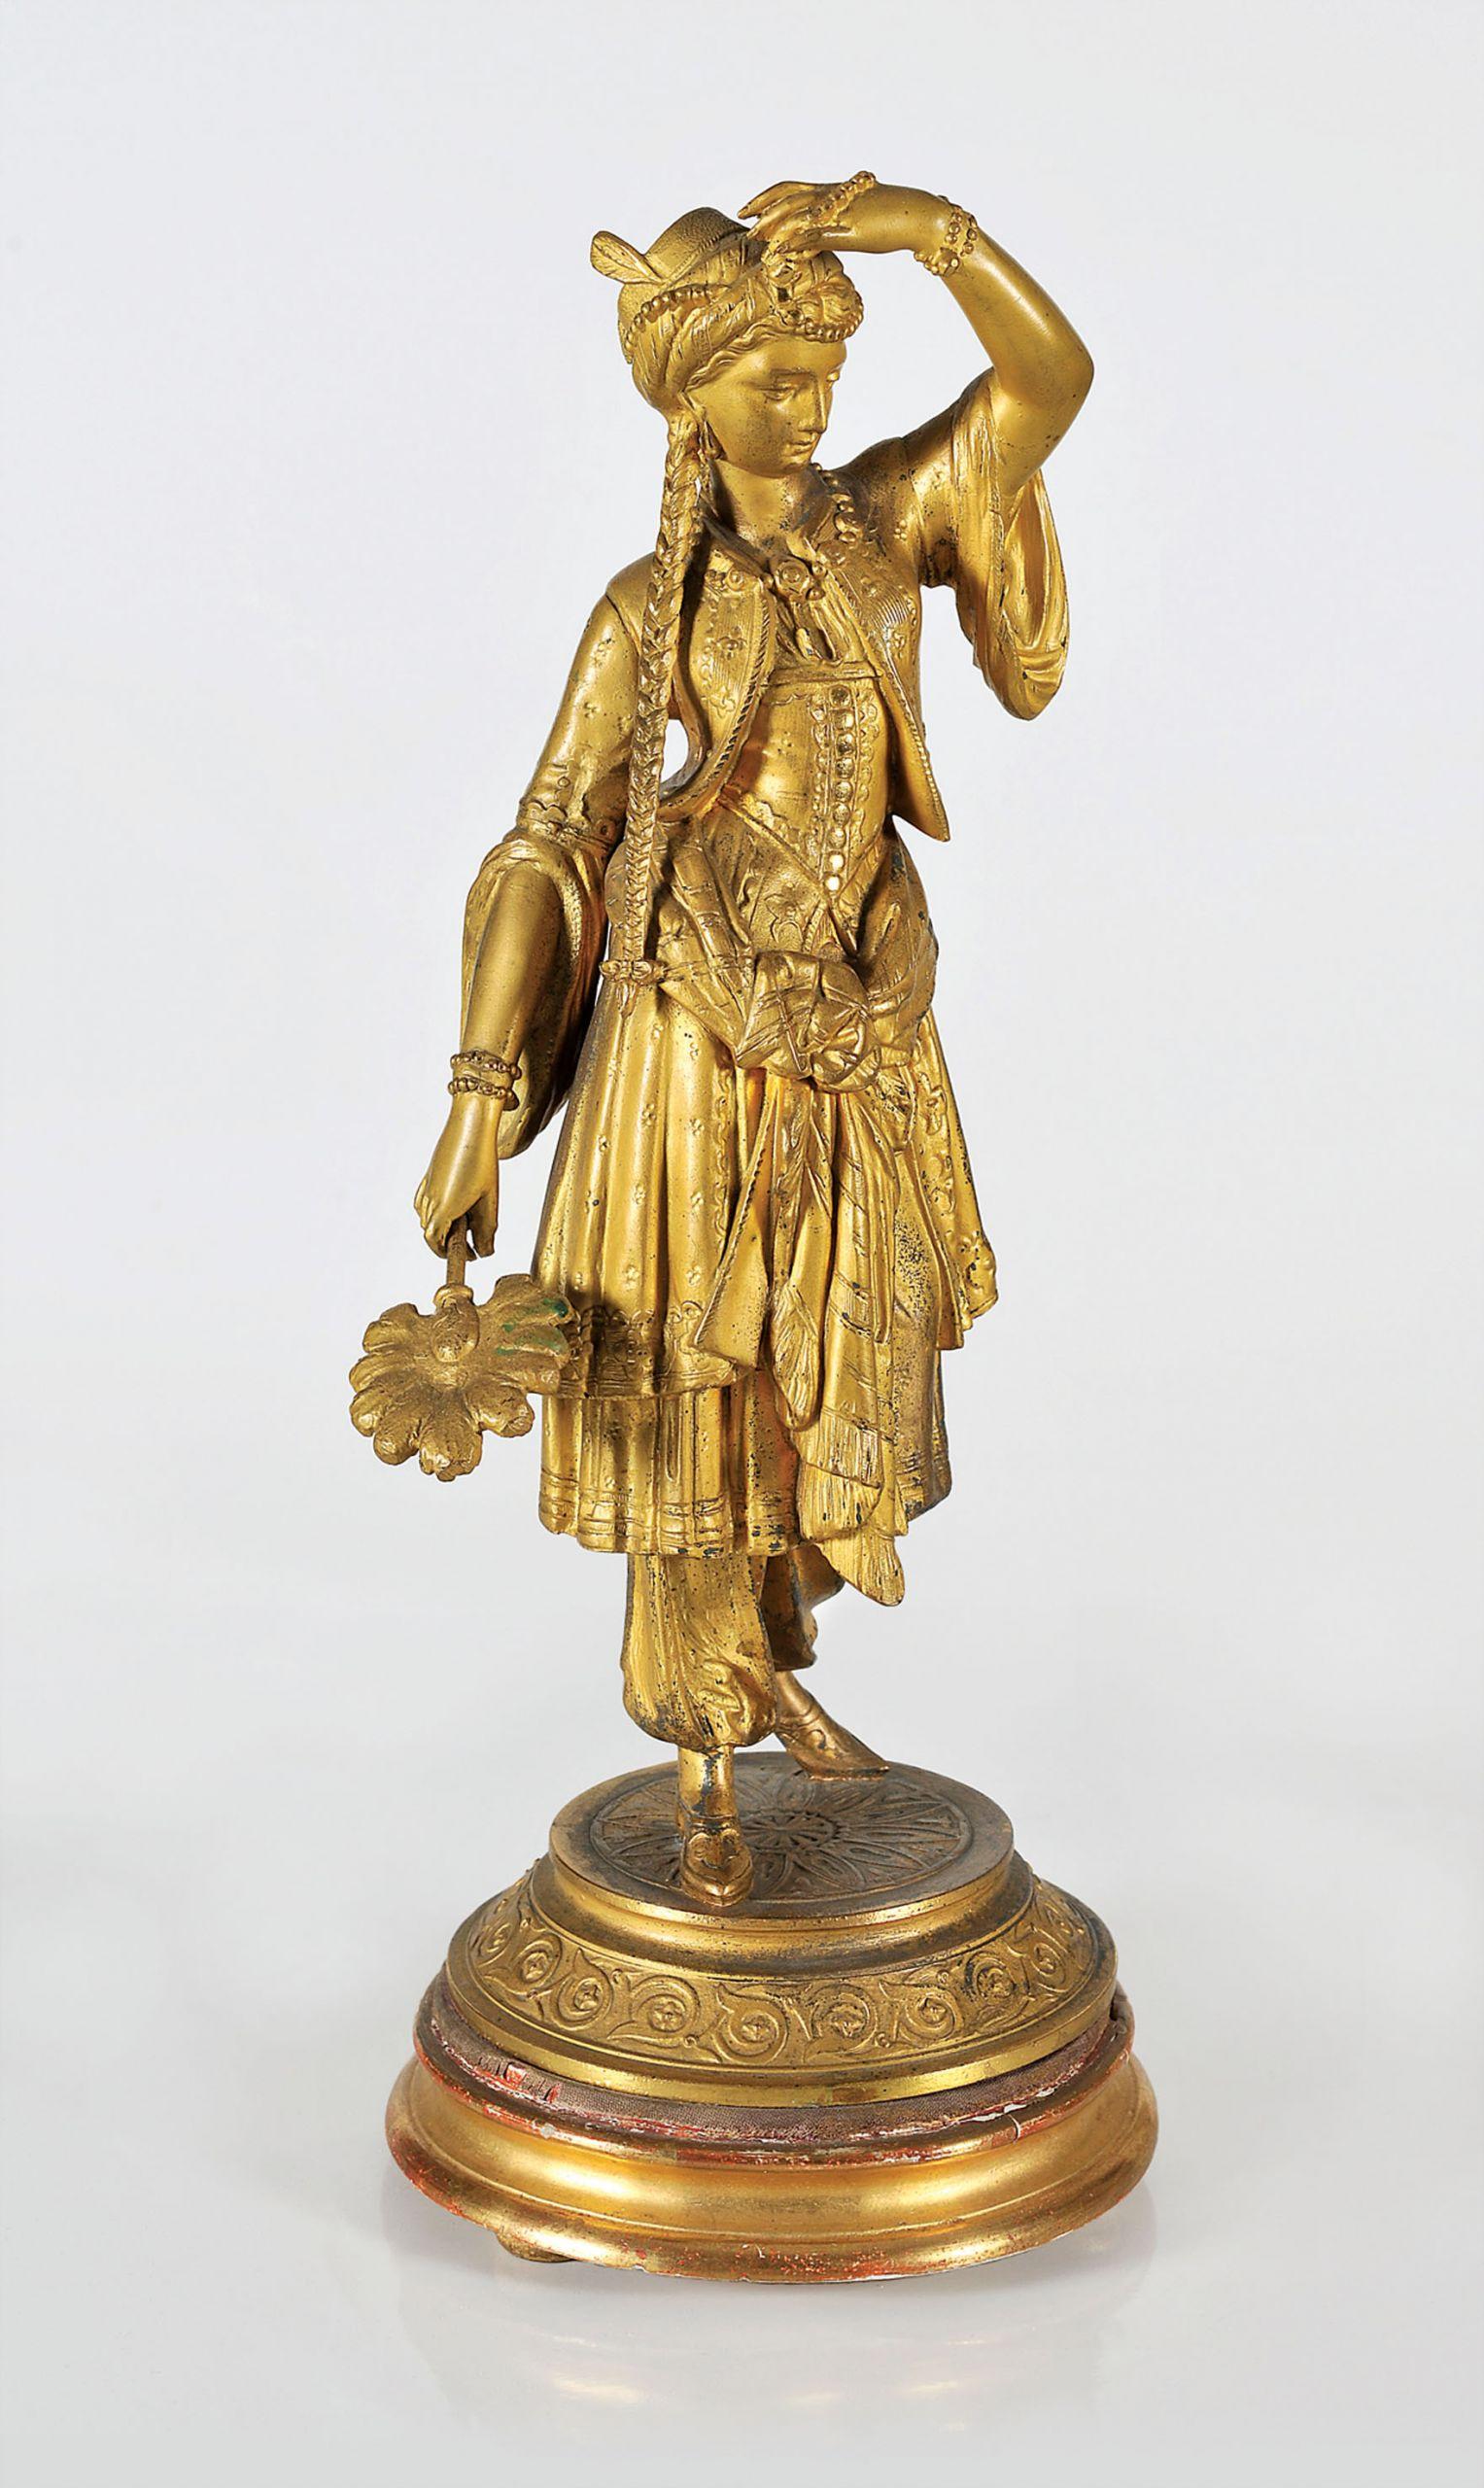 Ελληνίδα, Αγαλματίδιο από επιχρυσωμένο μπρούτζο, ύφος 53 εκ., Συλλογή Μιχάλη και Δήμητρας Βαρκαράκη